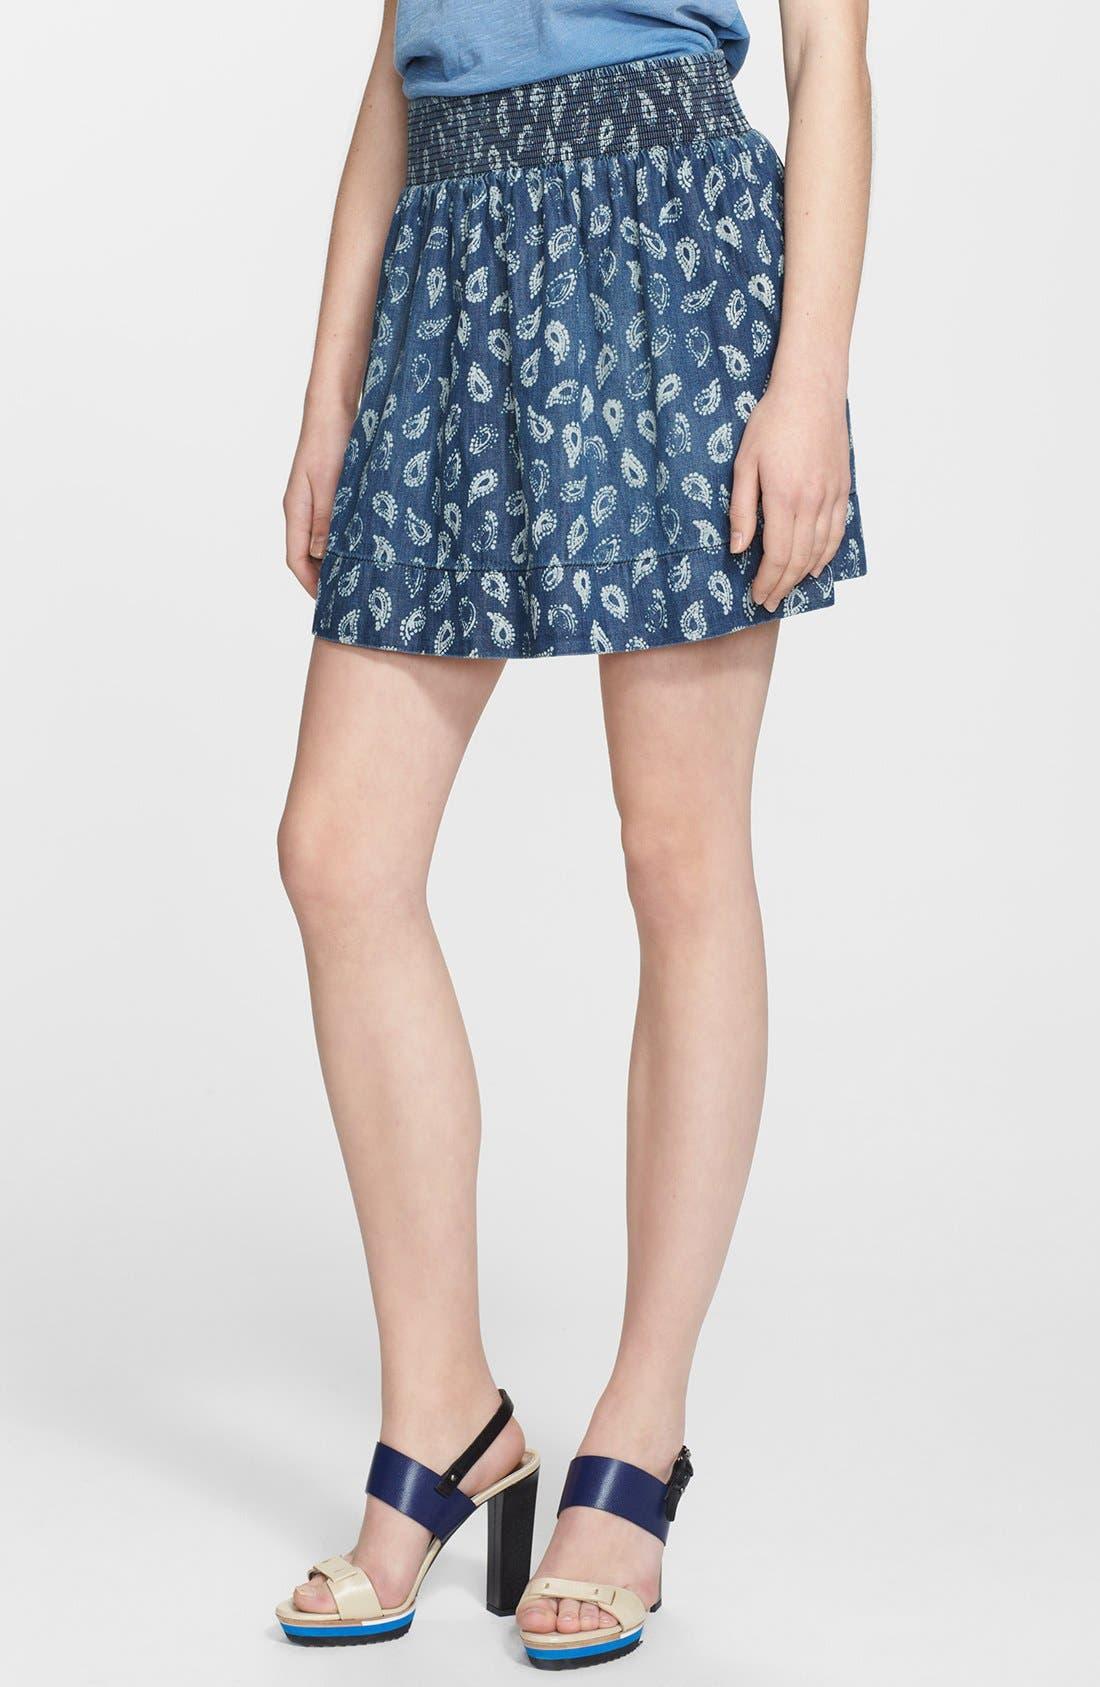 Alternate Image 1 Selected - Current/Elliott 'The Easy Mini' Paisley Denim Skirt